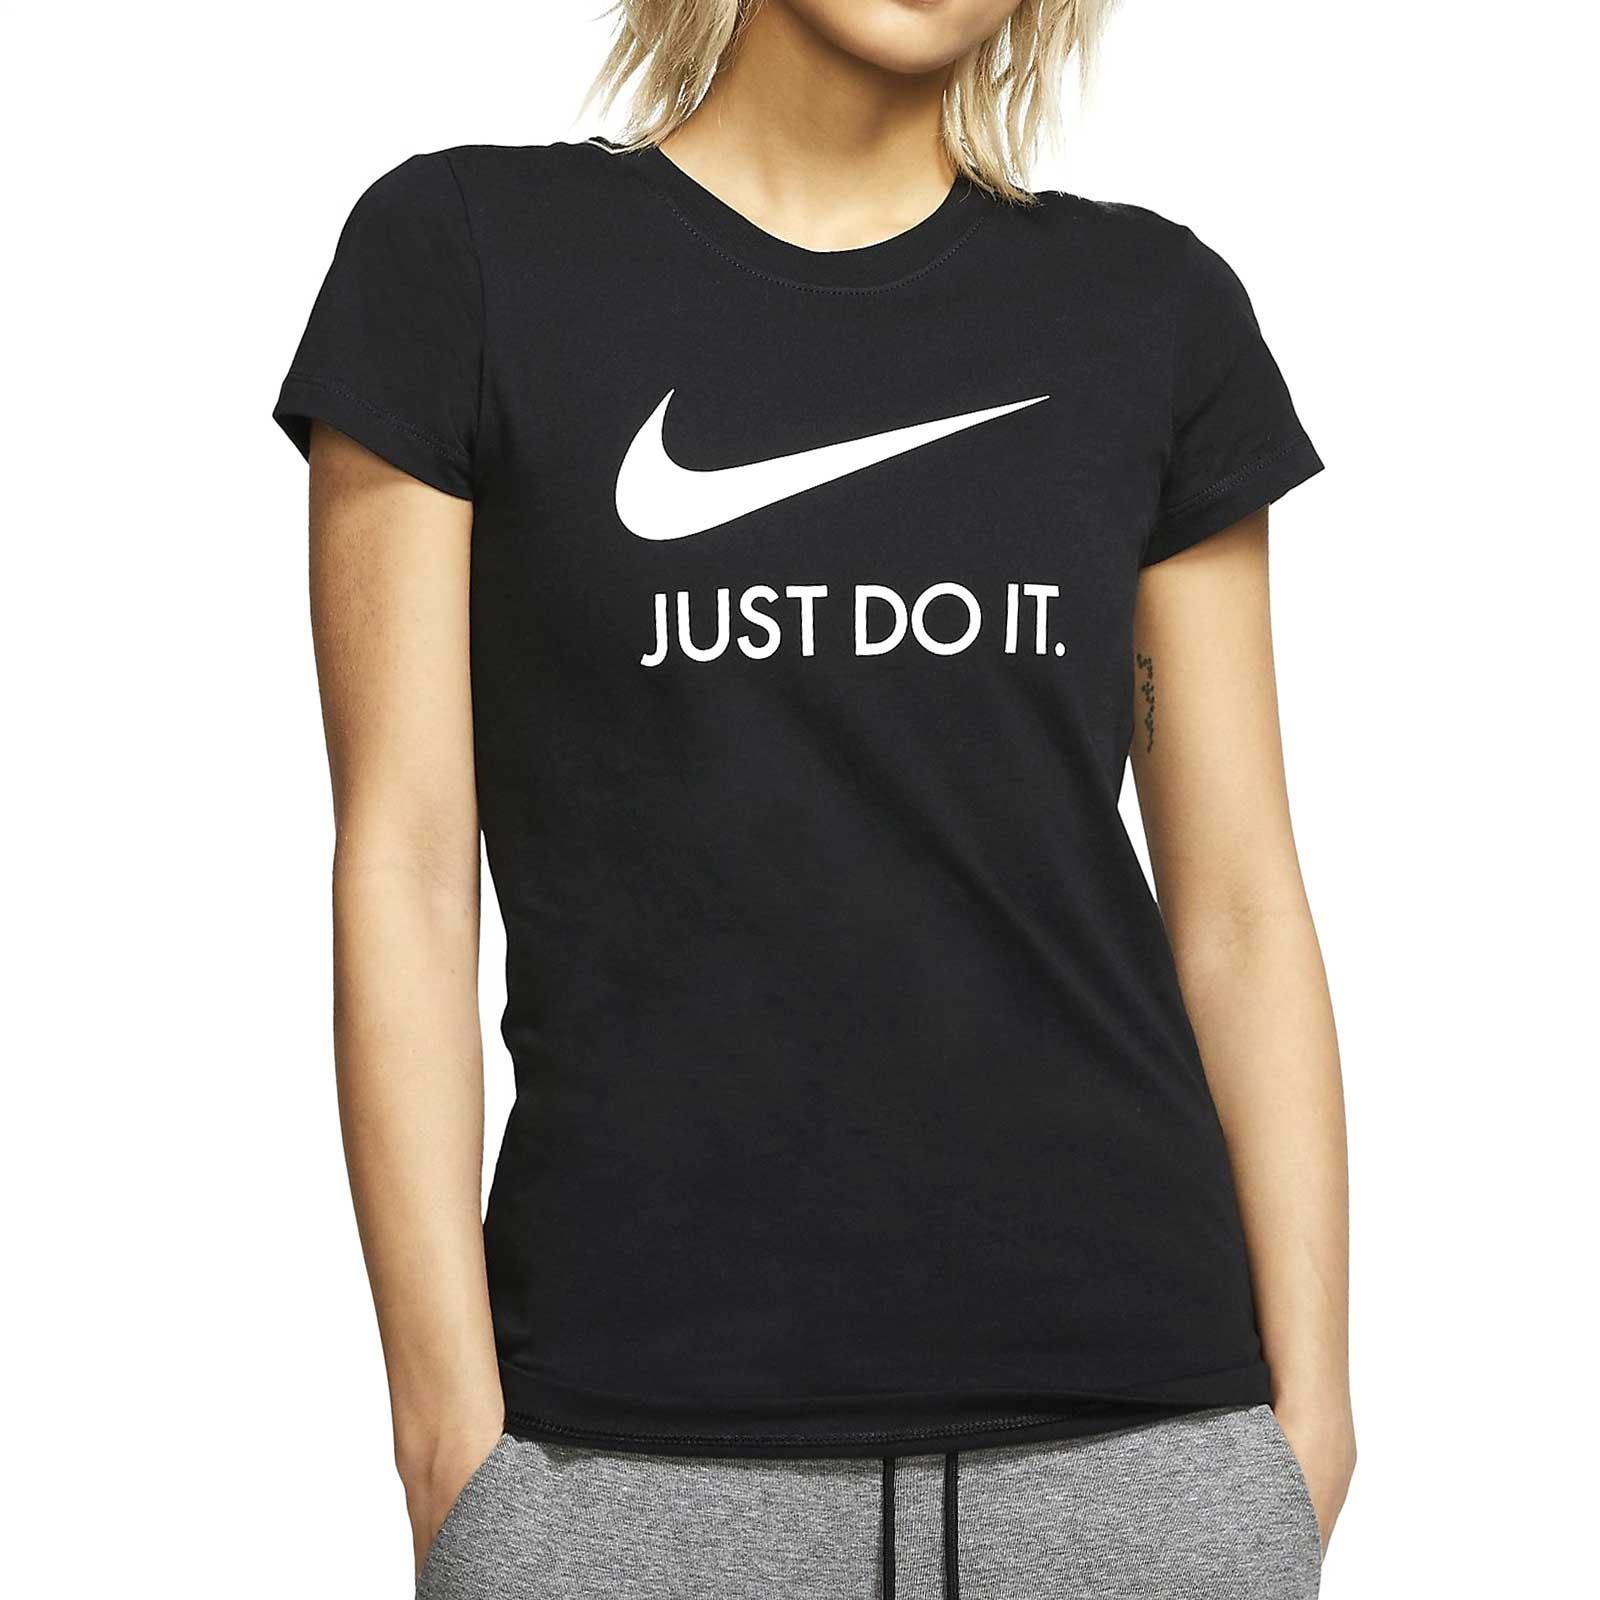 lana tarde manual  Camiseta Nike mujer Just Do It Slim negra | futbolmania